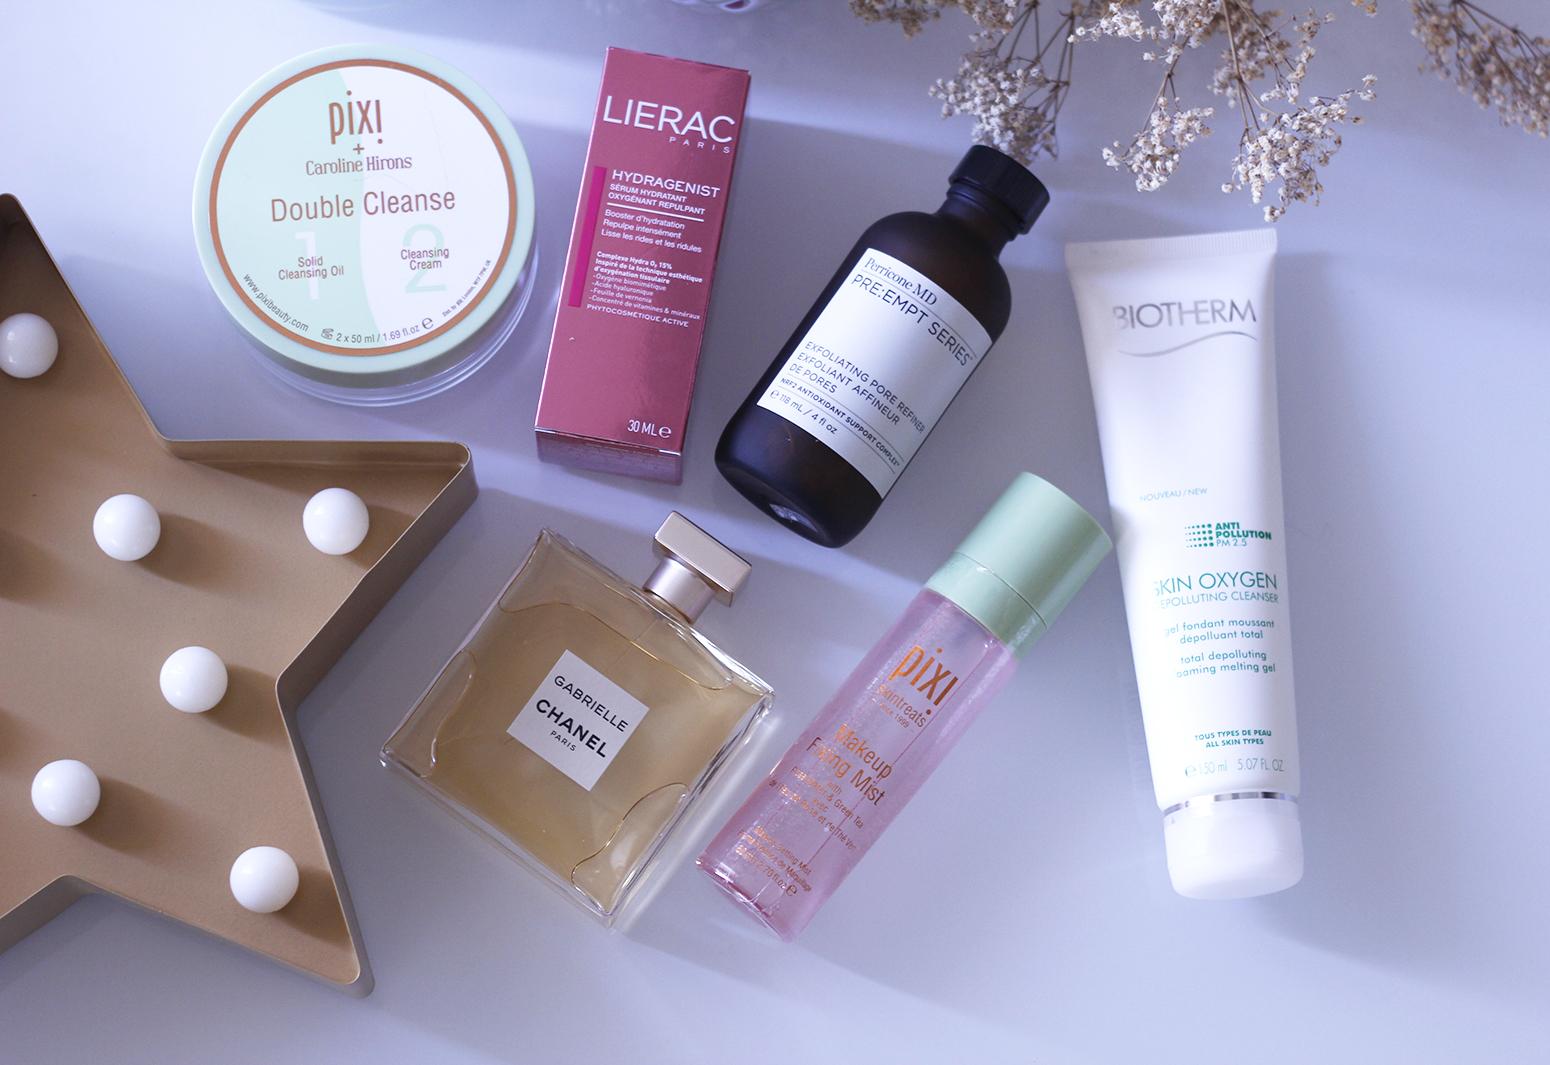 Rutina de belleza pixi biotherm chanel lierac lancôme eli saab cuidados de la piel cremas piel6